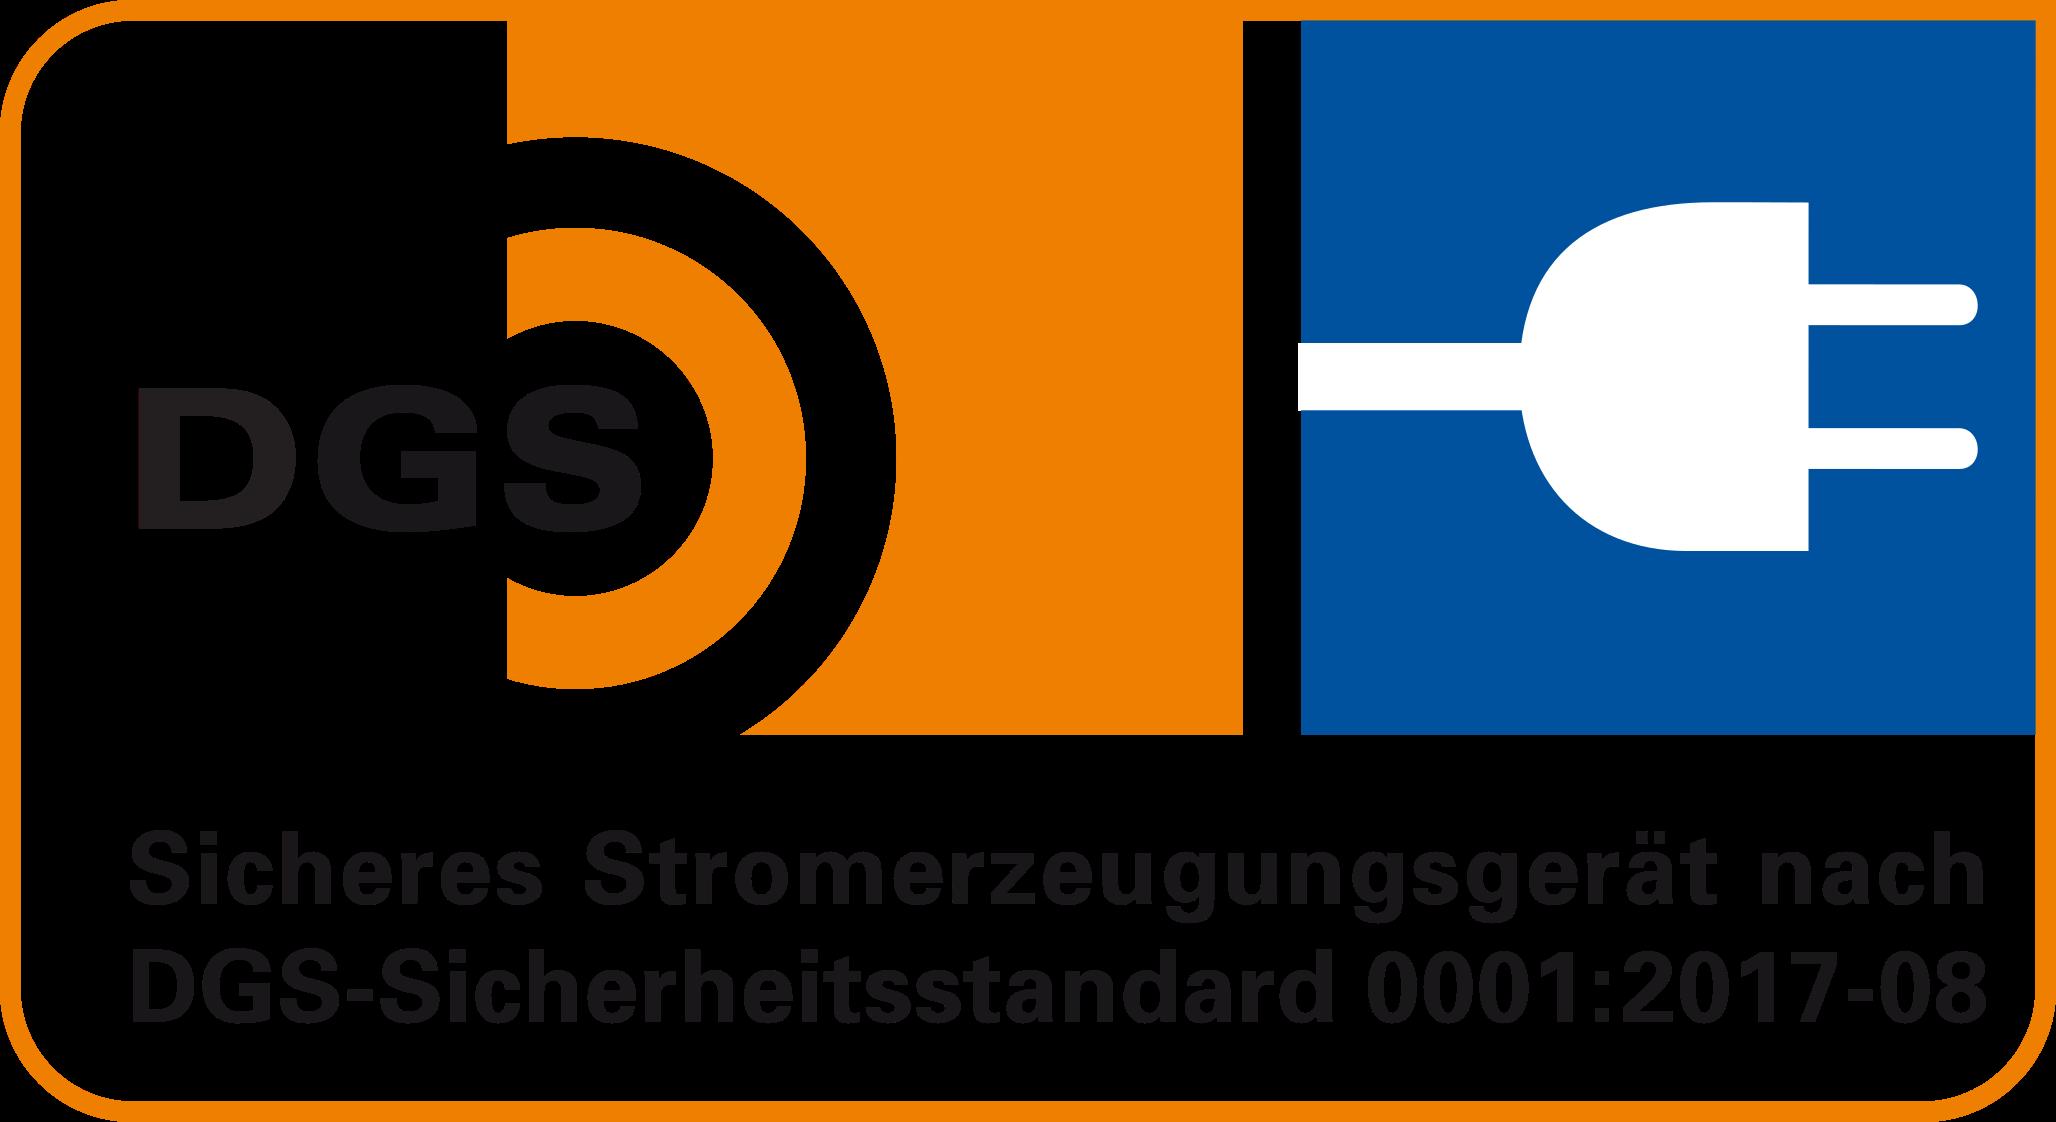 DGS-Label